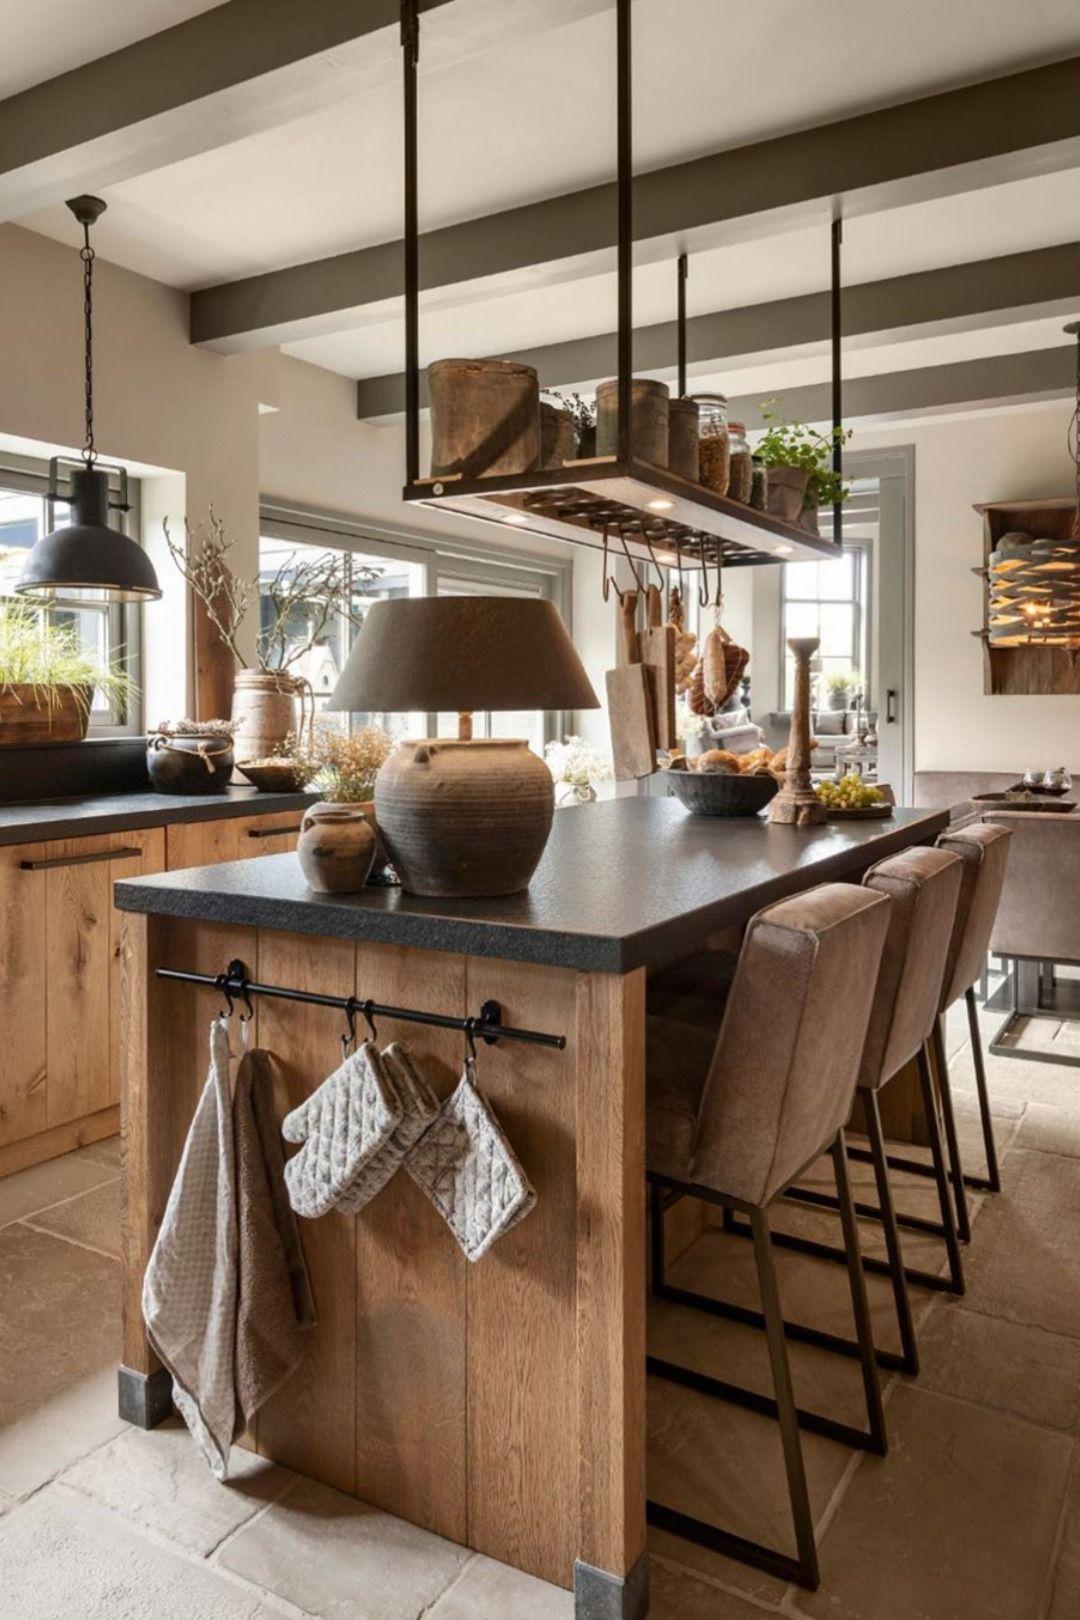 Cuisine bois vintage scandinave en 16  Design de cuisine